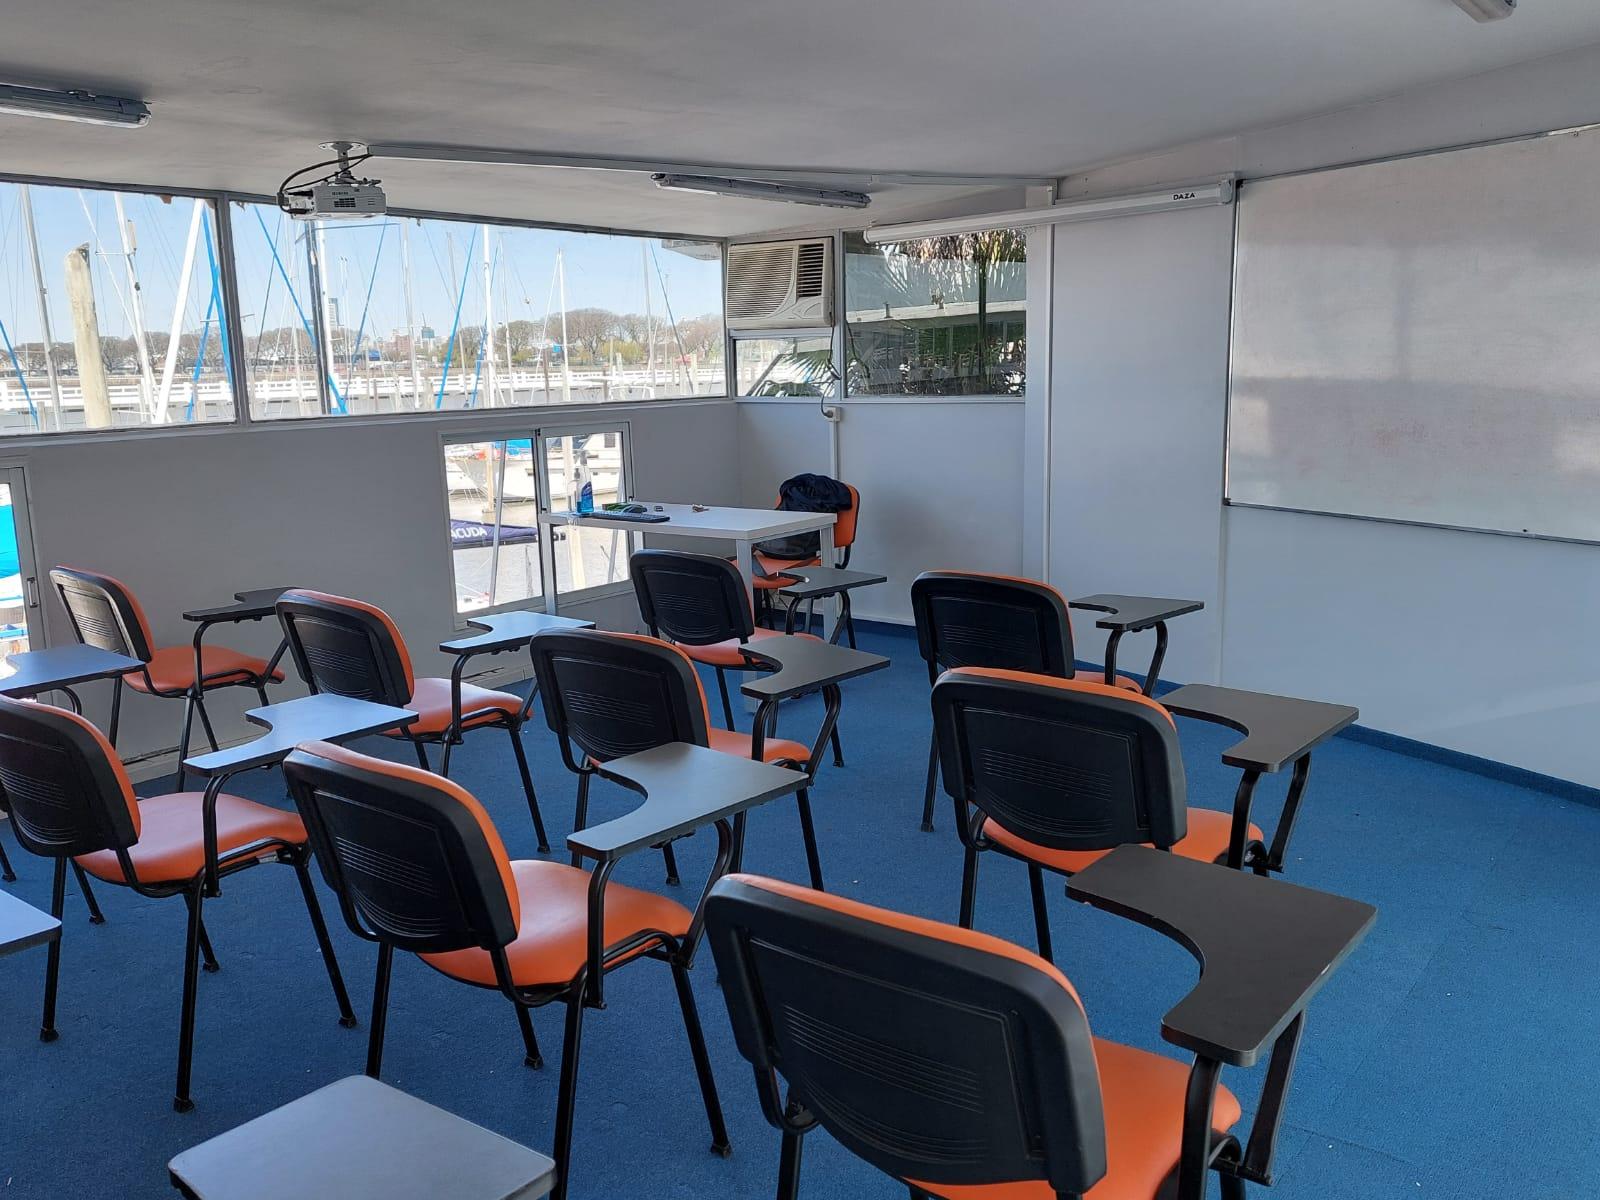 Instituto Superior de Navegación - Sede Costanera Norte